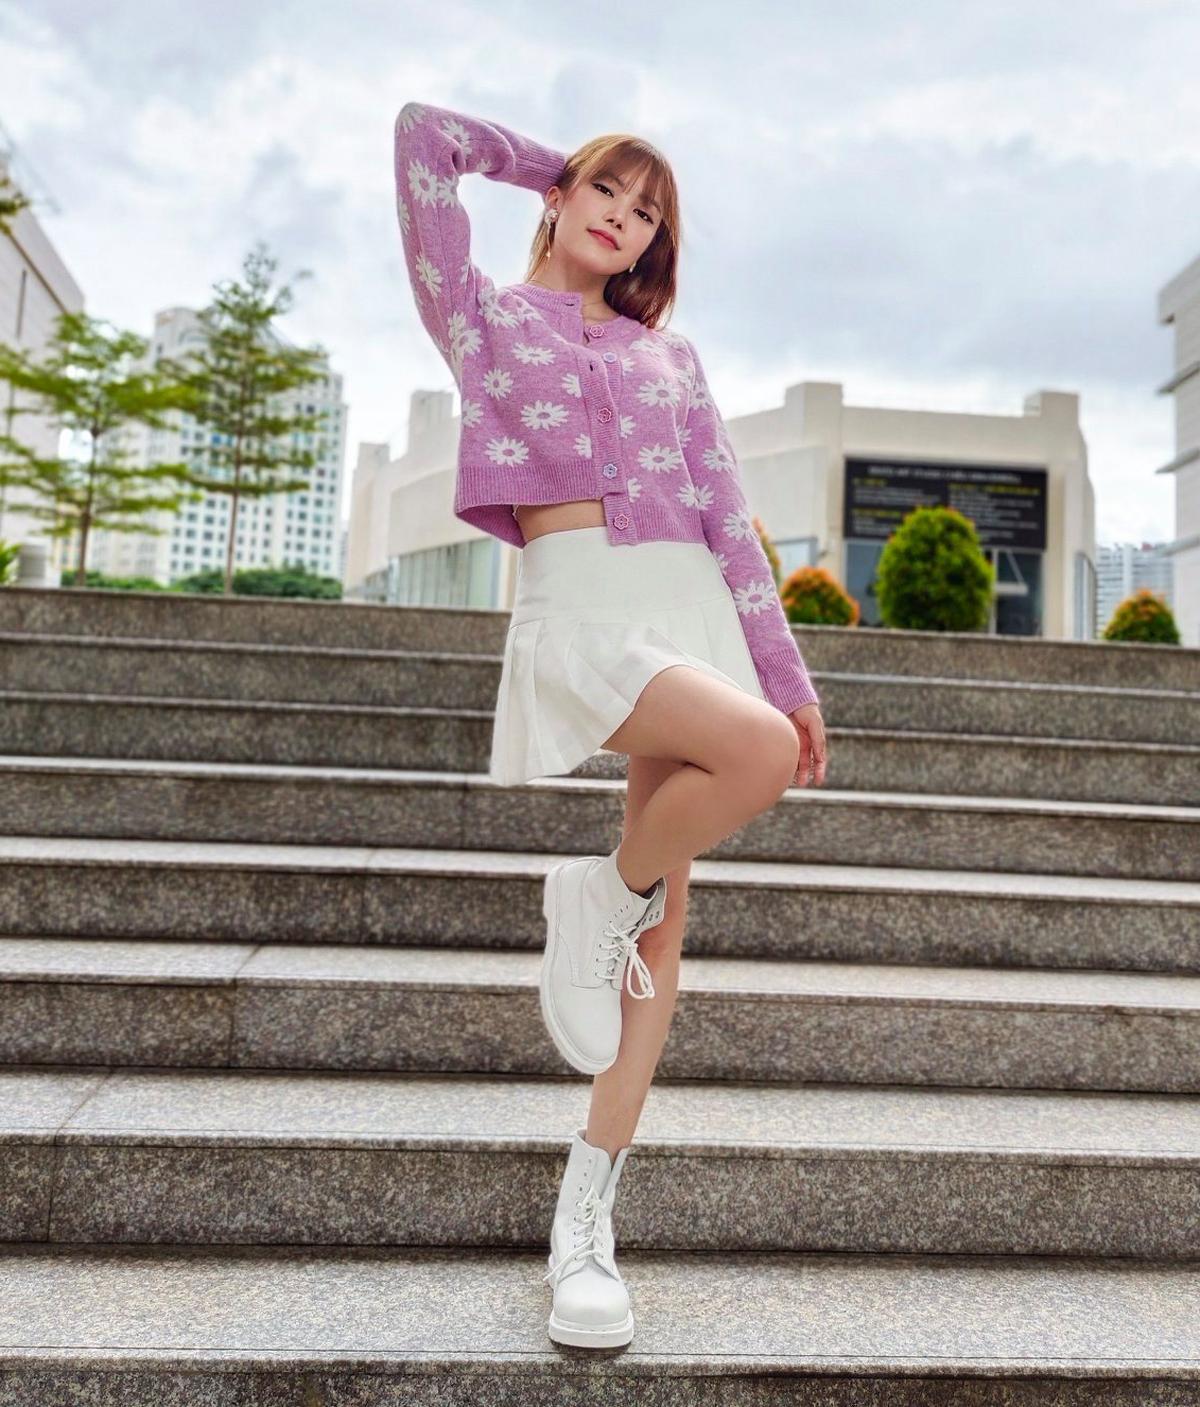 Thiều Bảo Trâm rất chuộng cách lên đồ theo phong cách high teen. Chiếc cardigan được nữ ca sĩ cài khuy lệch phá cách, kết hợp cùng chân váy xòe tạo tông thể như nữ sinh.